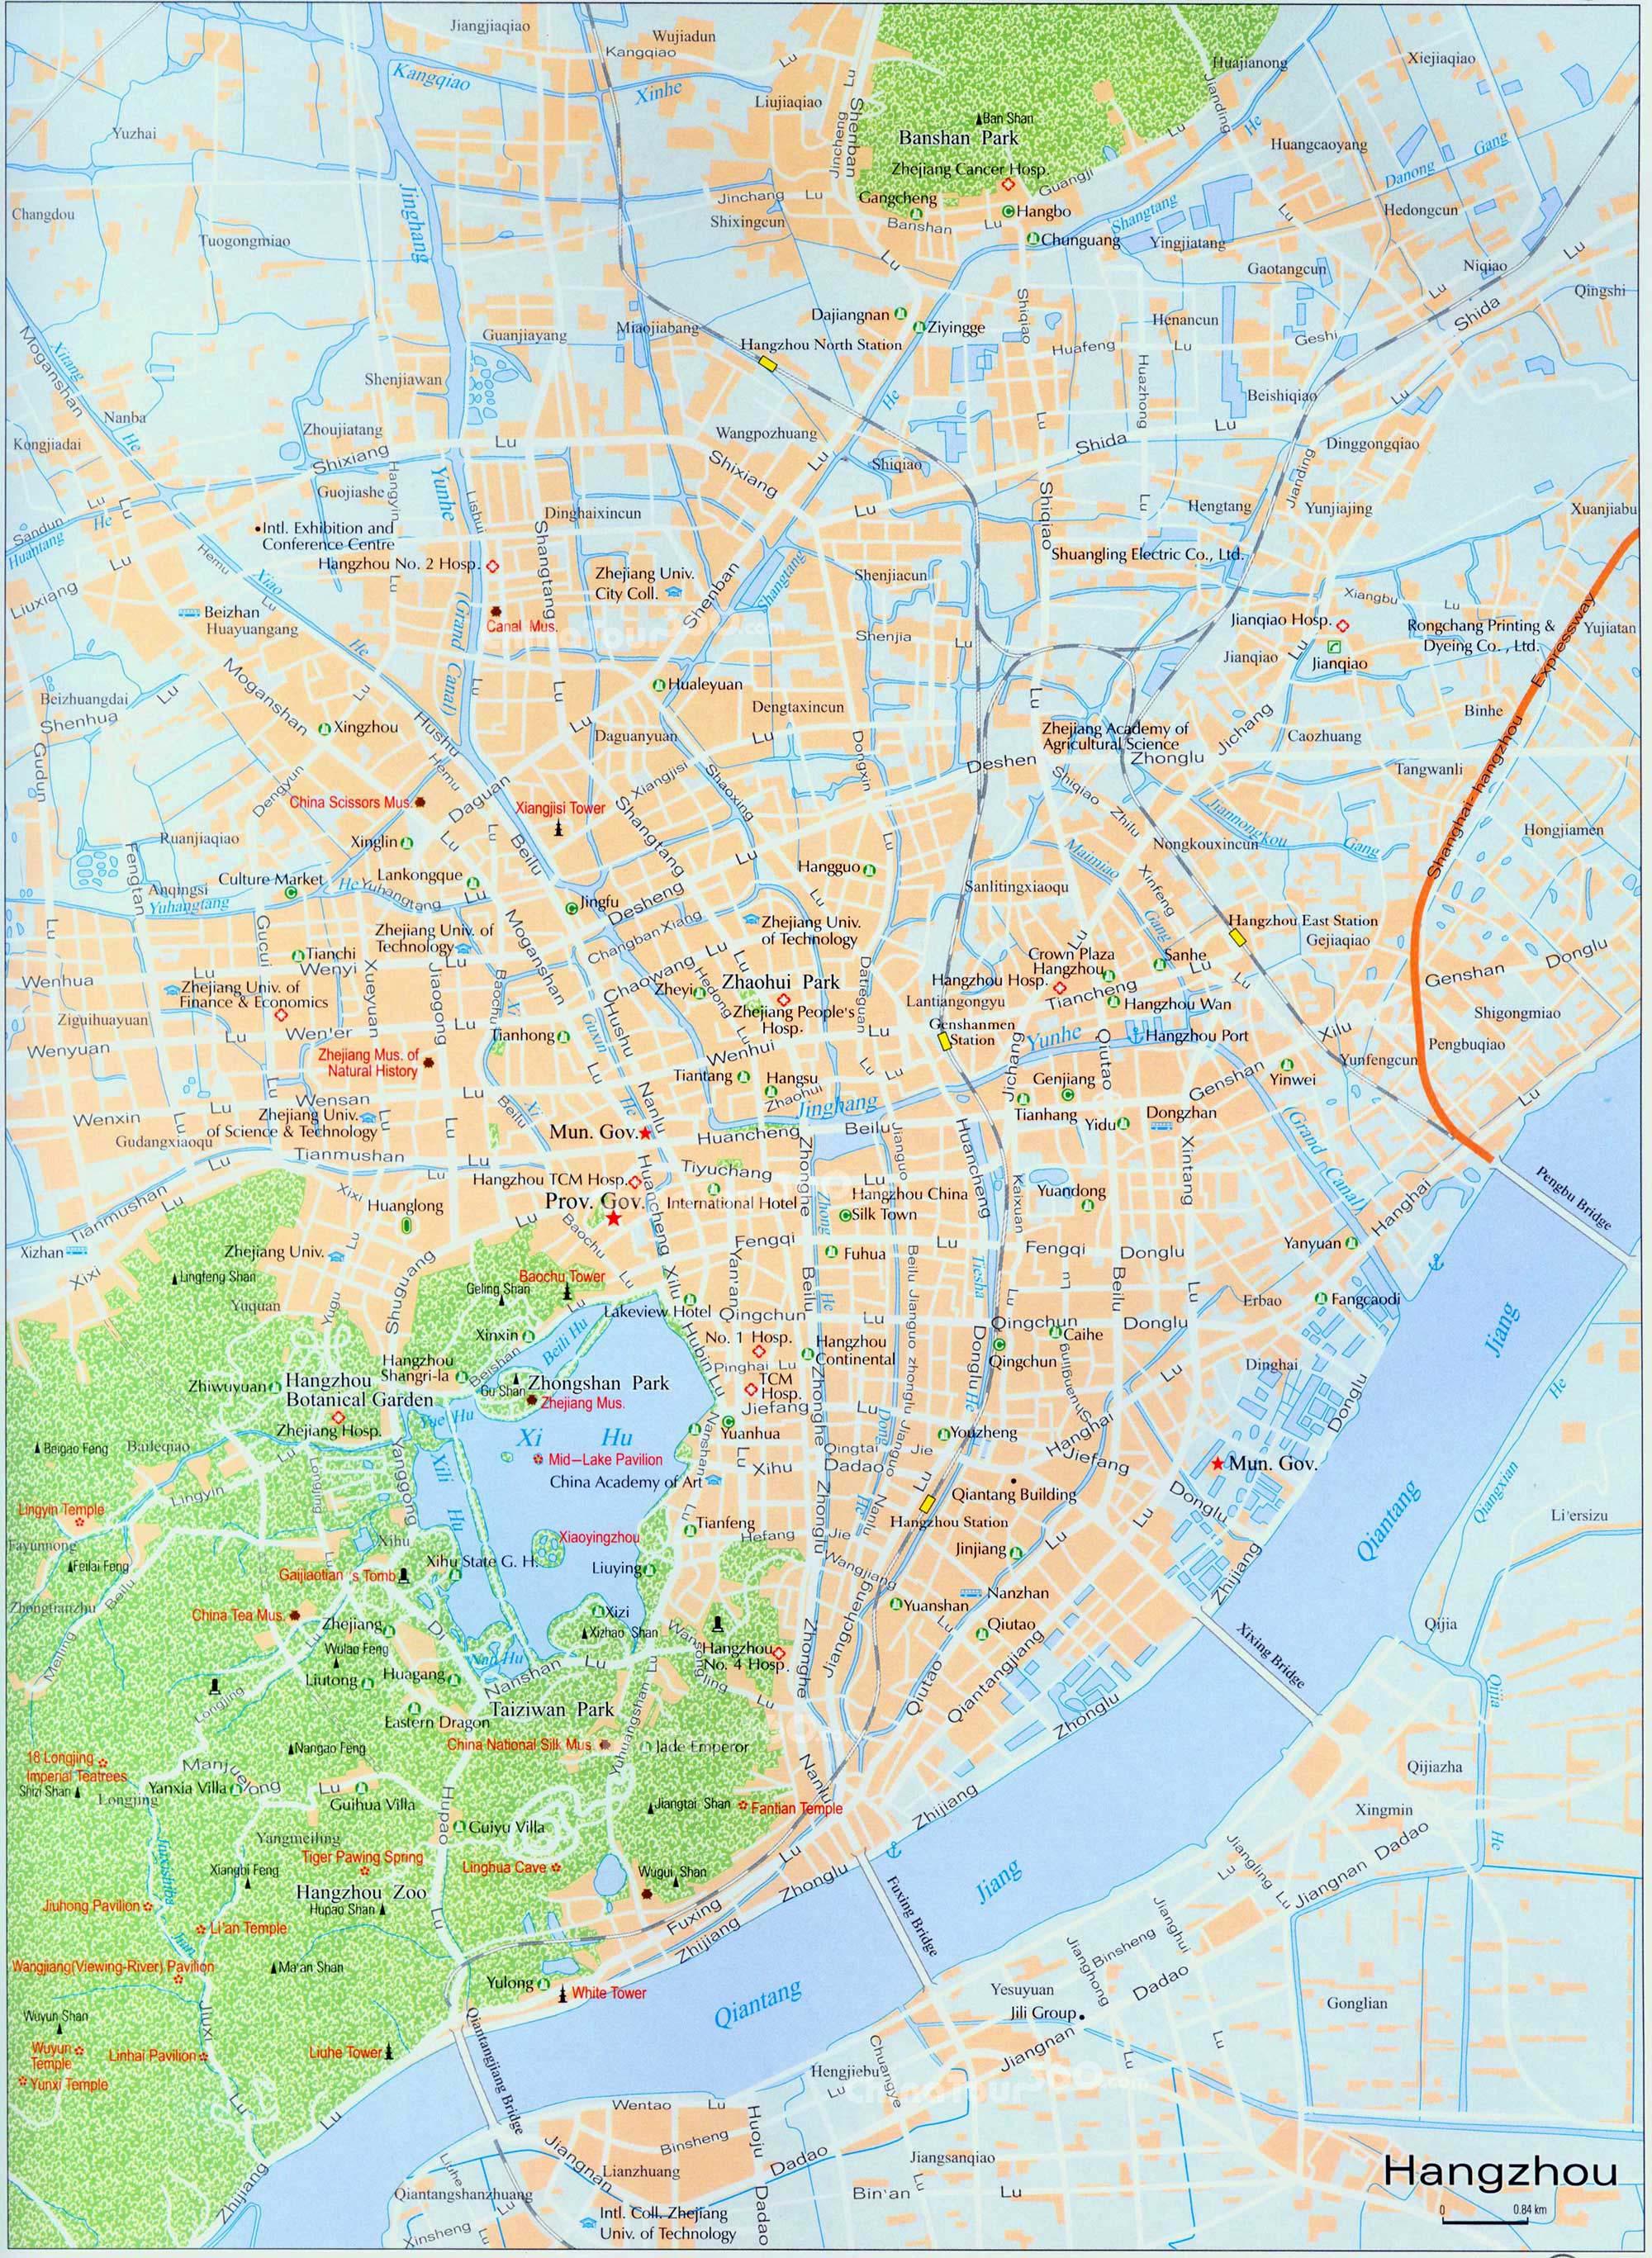 hangzhou travel guide  hangzhou travel tips and tour guide